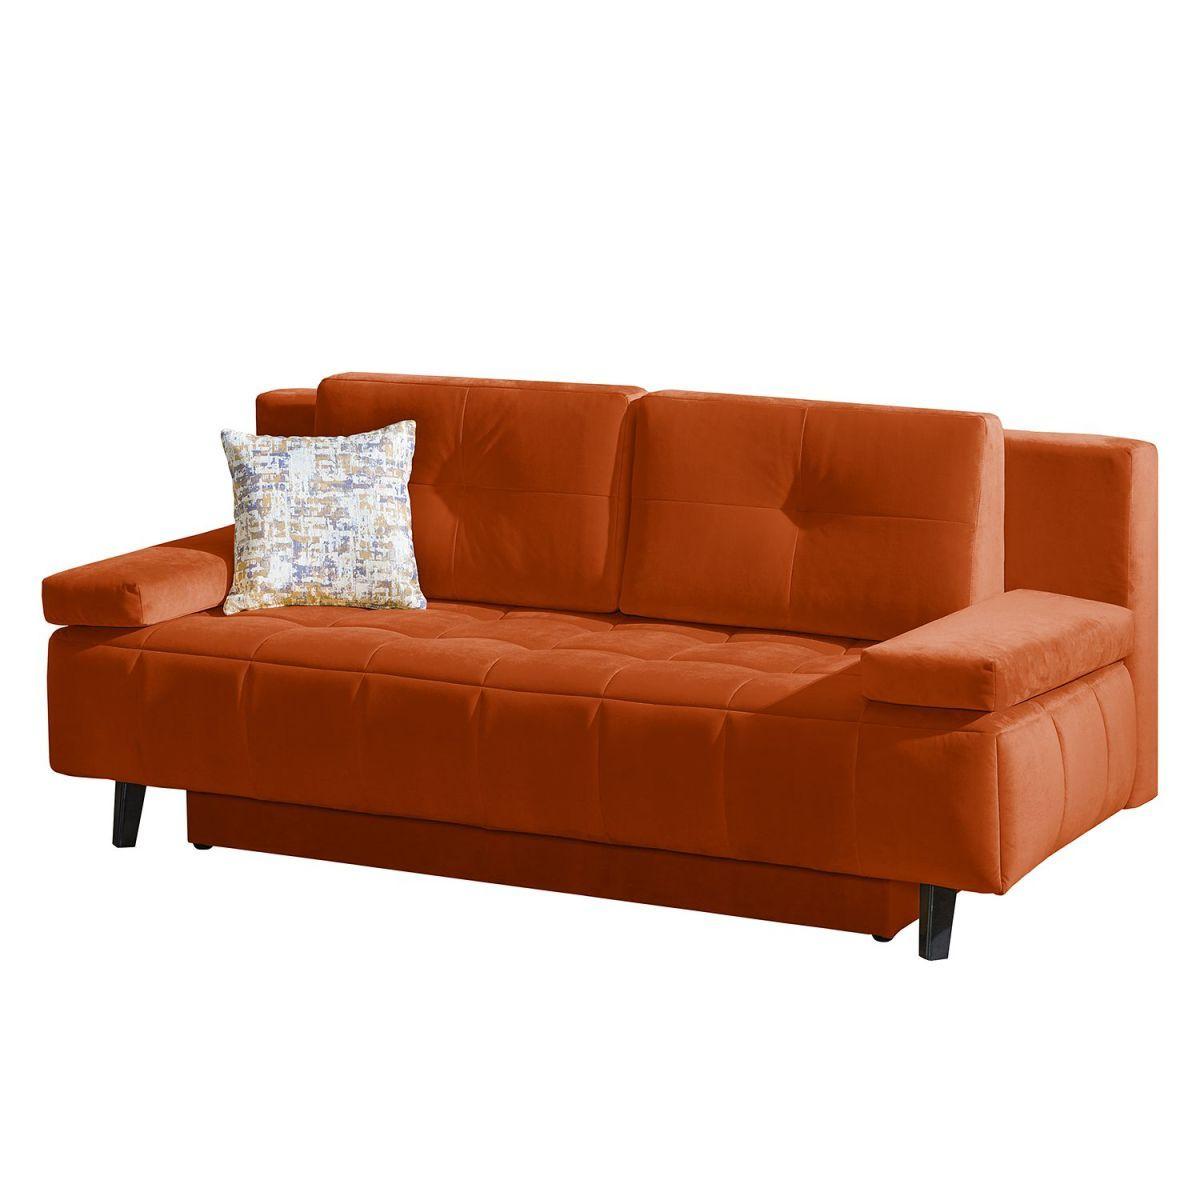 Perfekt Schlafsofa Loppi Samt   Orange, Fredriks Jetzt Bestellen Unter: Https:// Moebel.ladendirekt.de/wohnzimmer/sofas/schlafsofas/?uidu003d18e360c4 A8d1 581a 886f   ...